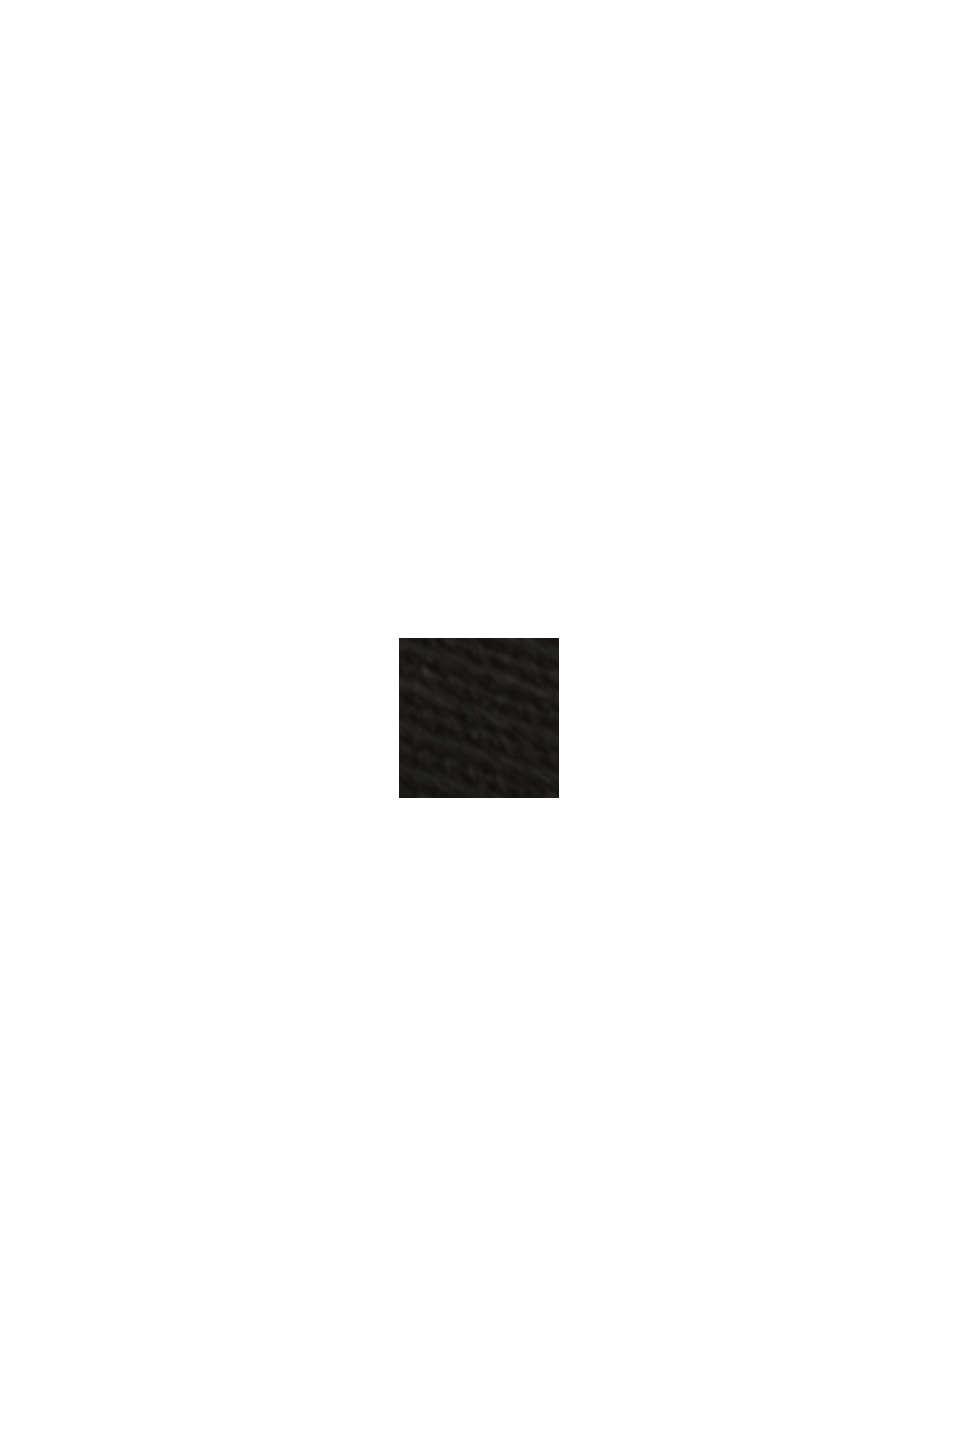 TWILL Mix + Match licht getailleerde blazer, BLACK, swatch